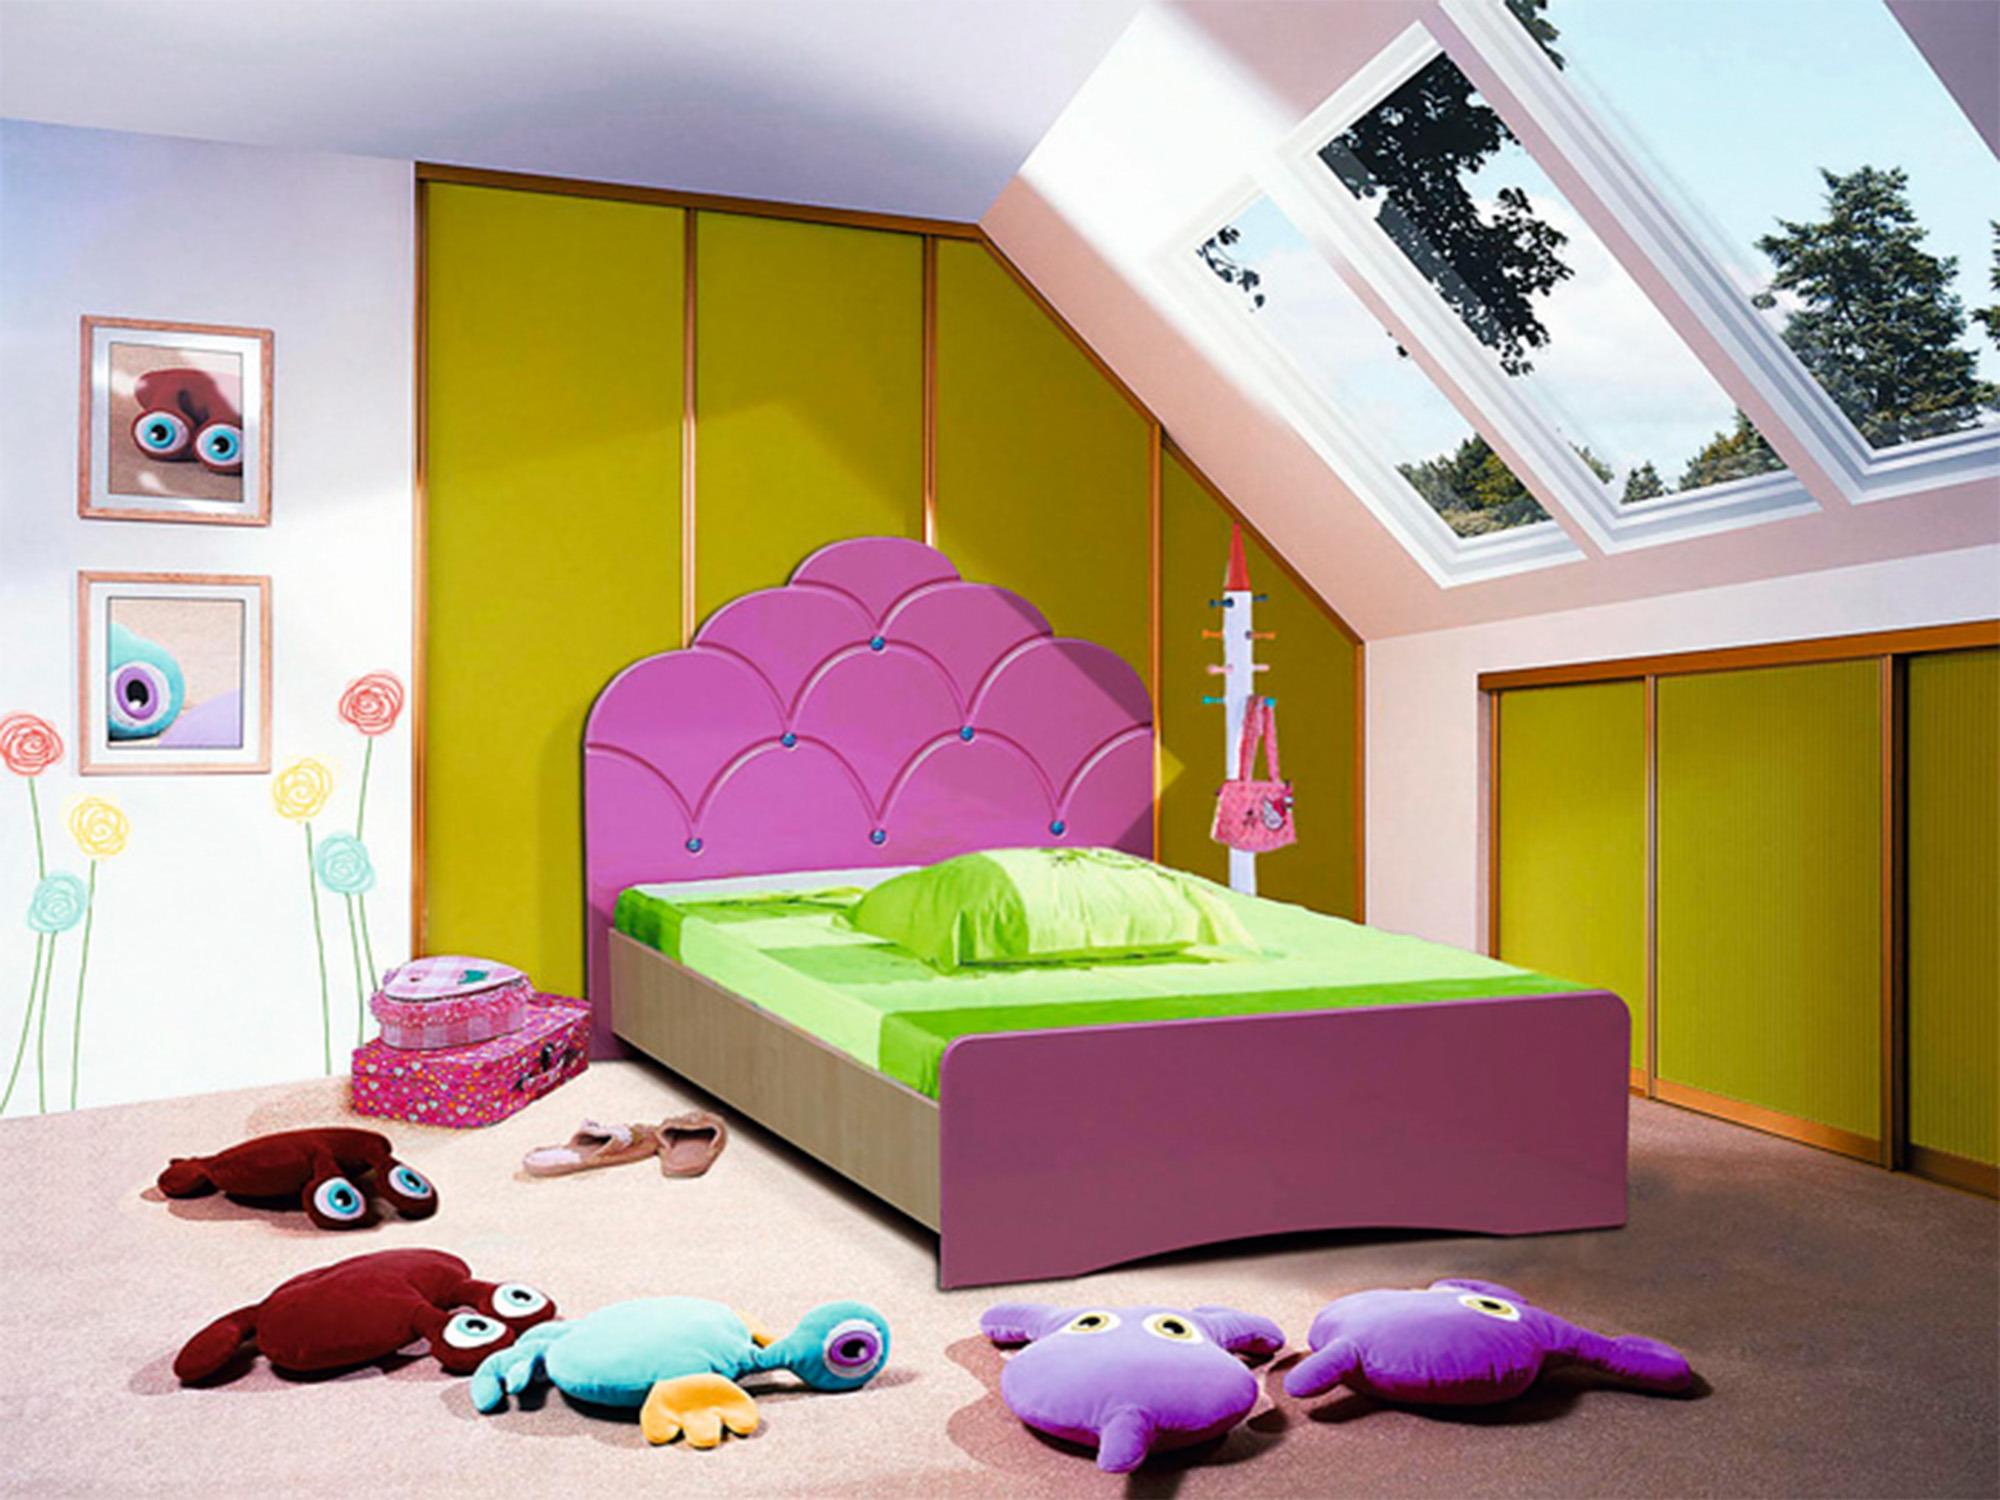 Кровать МальвинаДетские кровати<br><br><br>Длина мм: 975<br>Высота мм: 910<br>Глубина мм: 1750